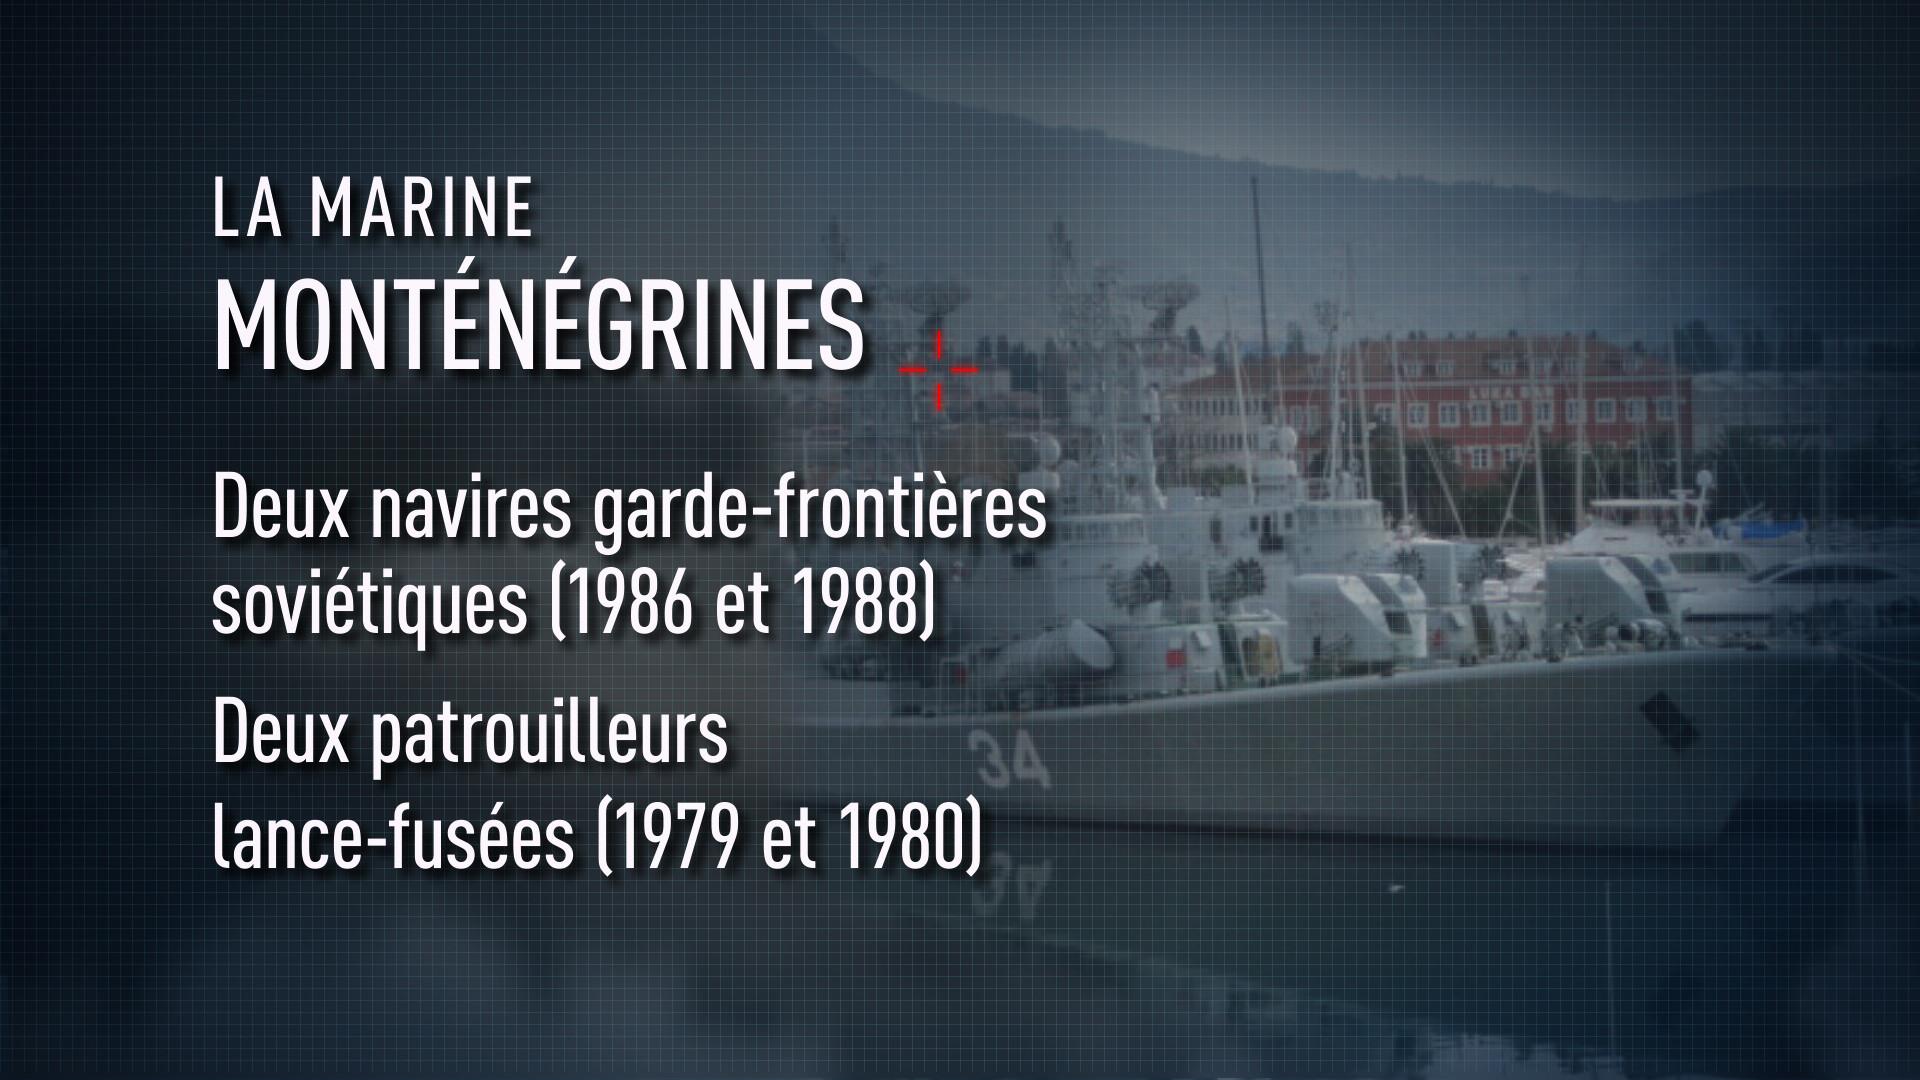 Découvrez le potentiel militaire du Monténégro, nouvel Etat-membre de l'OTAN